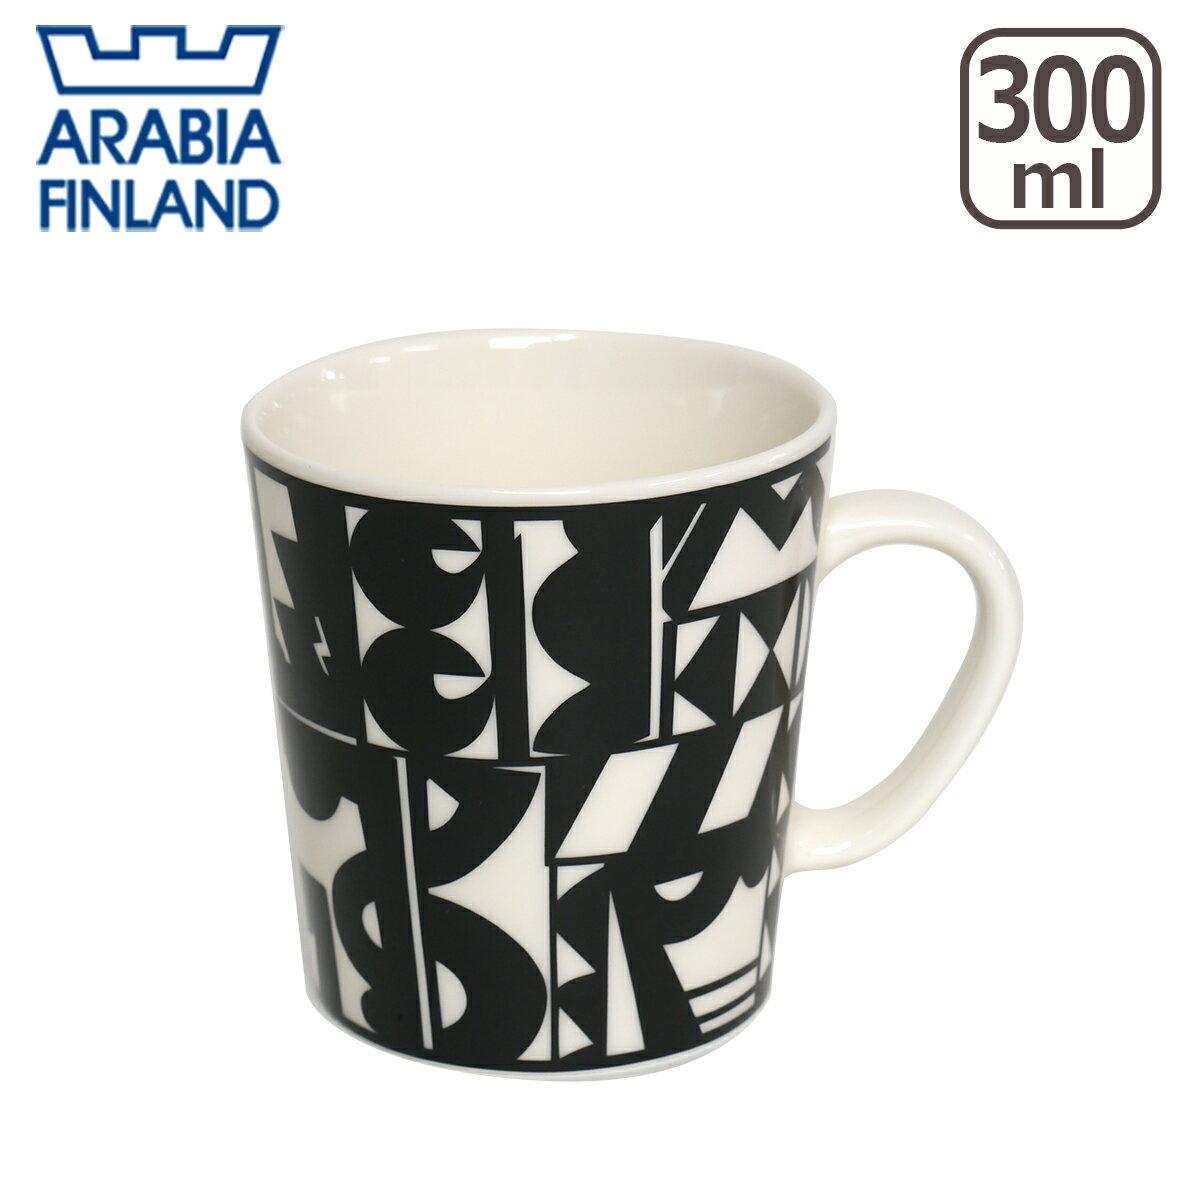 アラビア(Arabia) フィンランド100 記念マグ 300ml TIMBUA(ティムボア) 1987 マグカップ 北欧 フィンランド 食器 ギフト・のし可